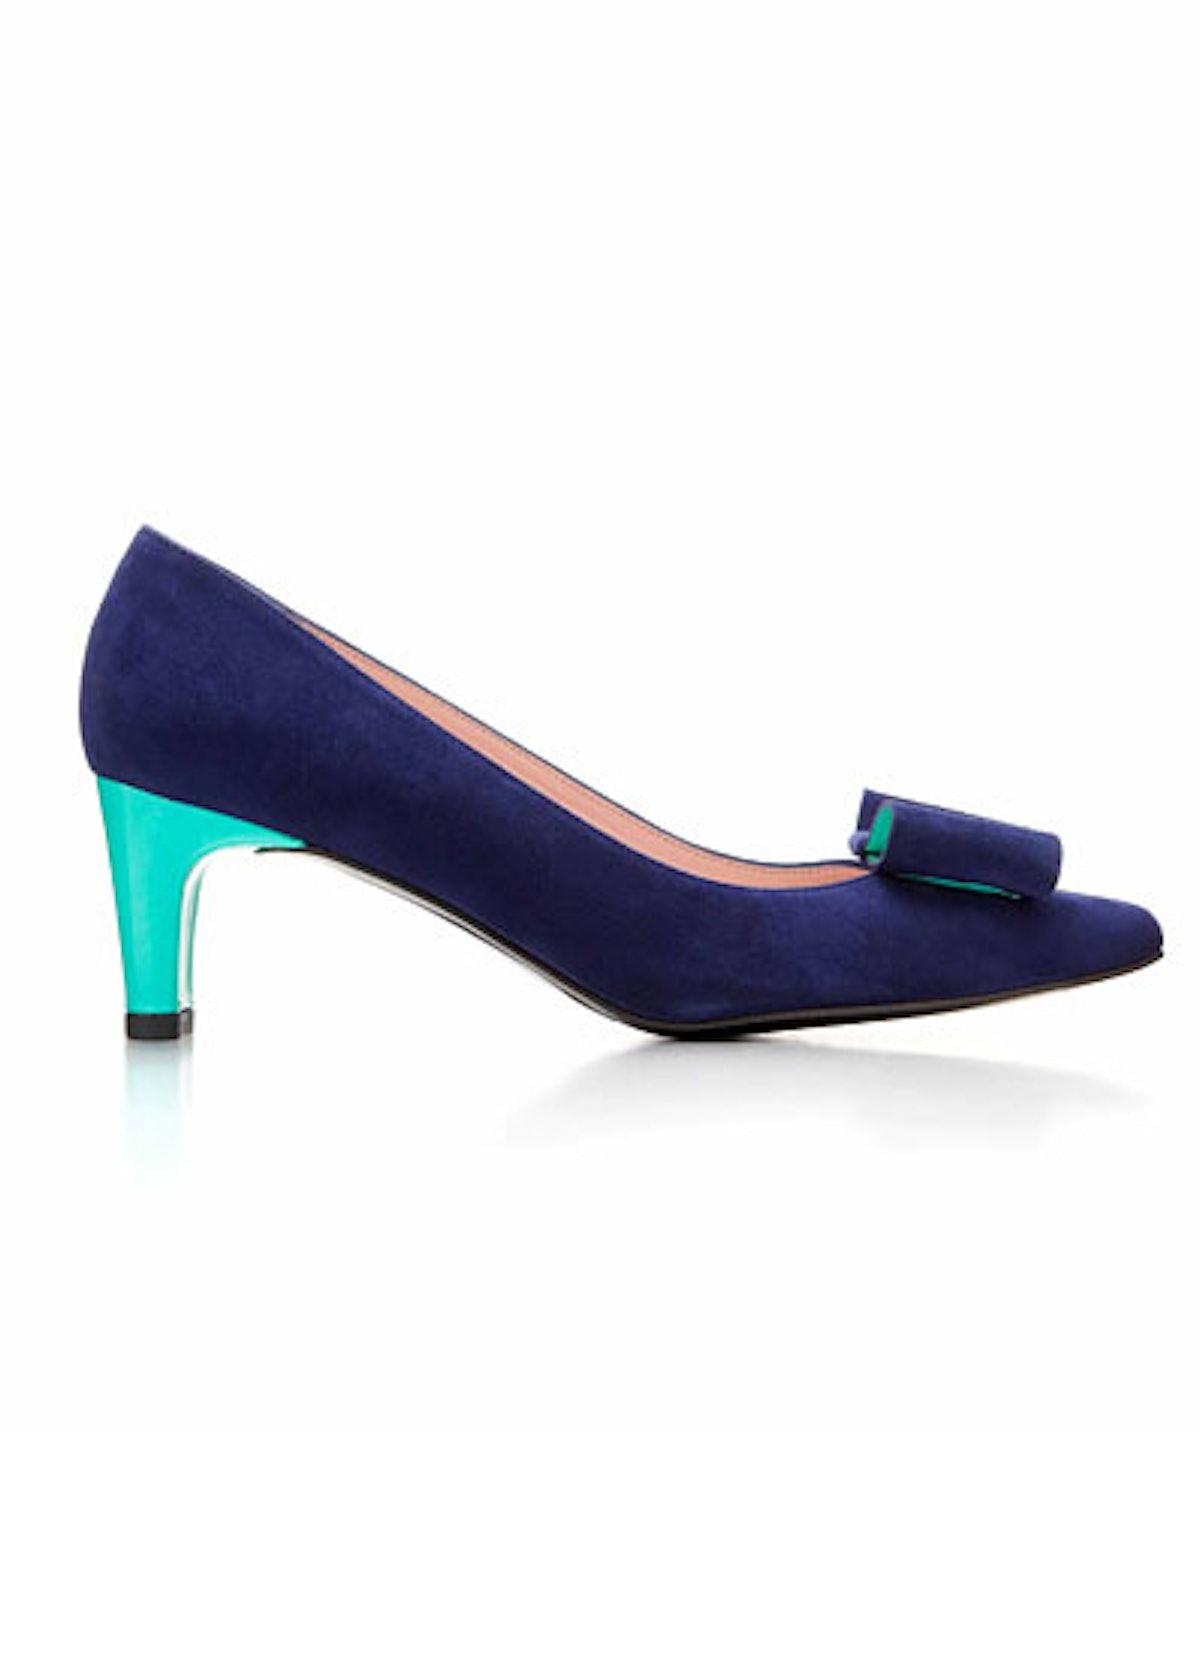 acss-kitten-heels-trend-10-v.jpg